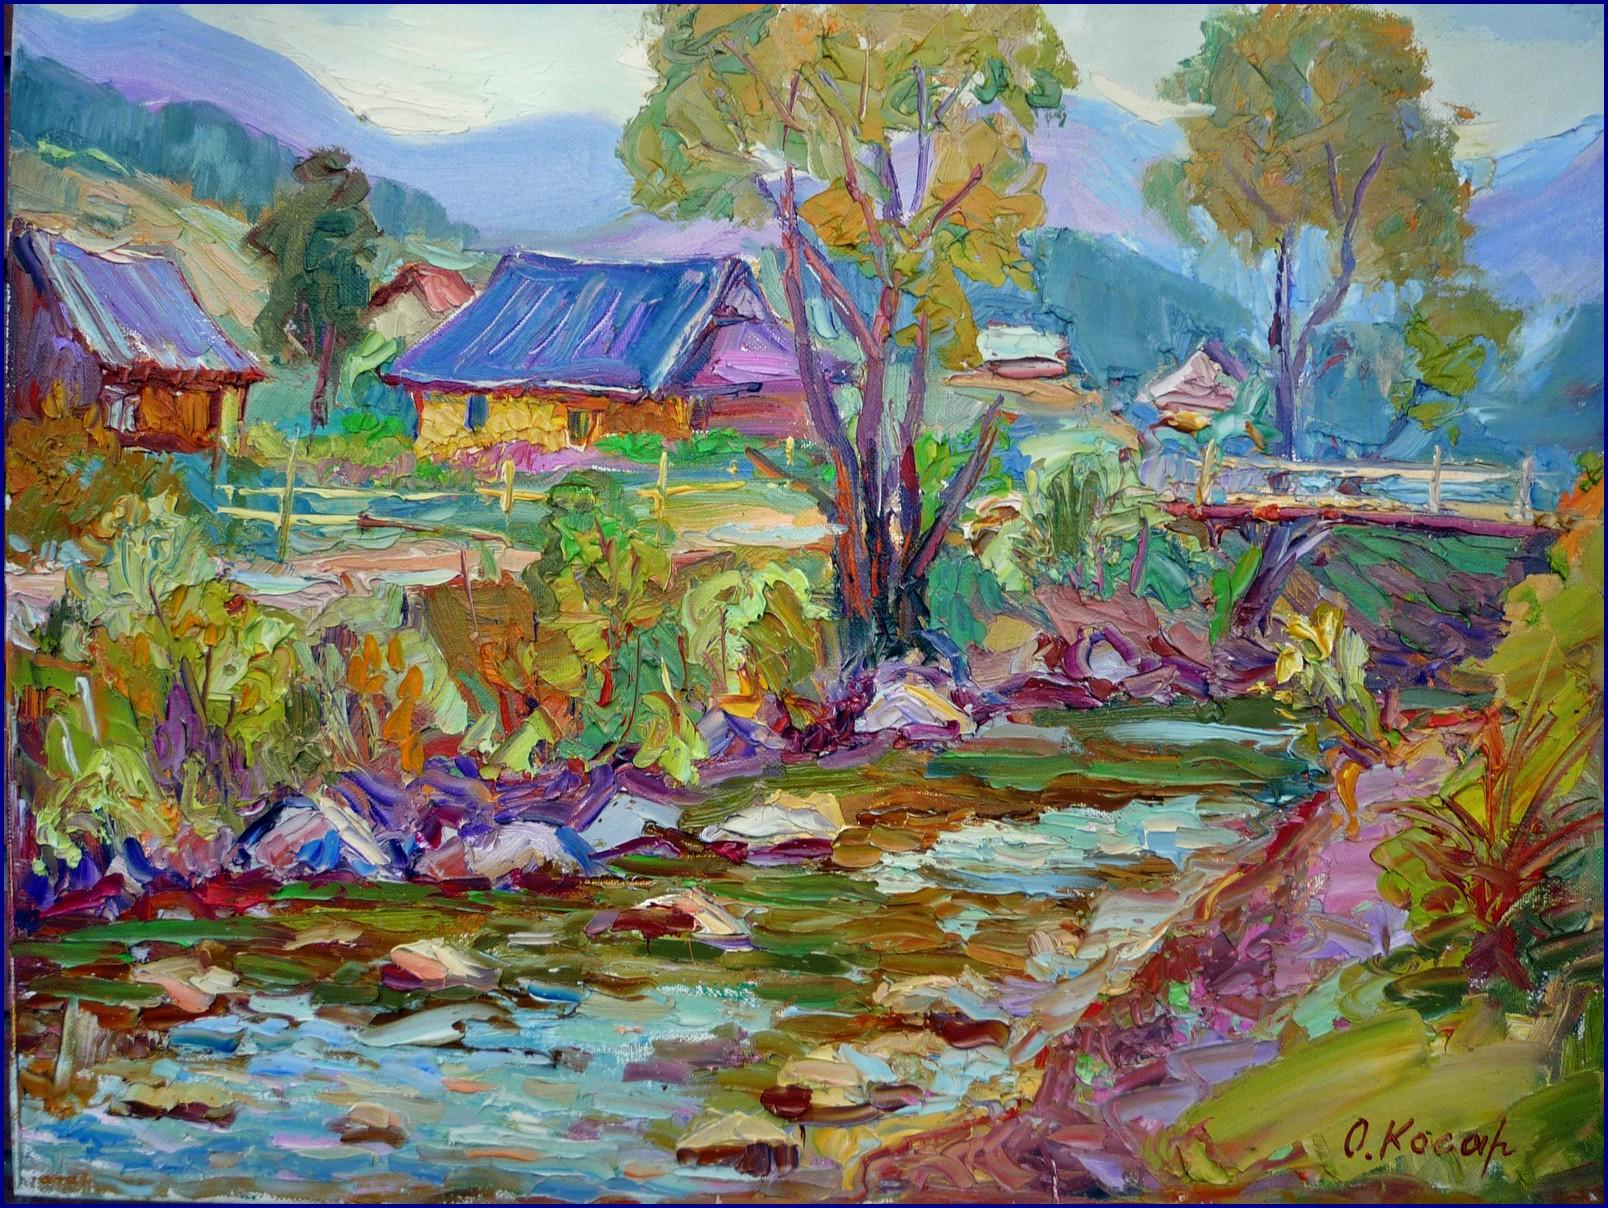 1310917295_peyzazh-z-libohori-1600x1200_www.nevsepic.com.ua